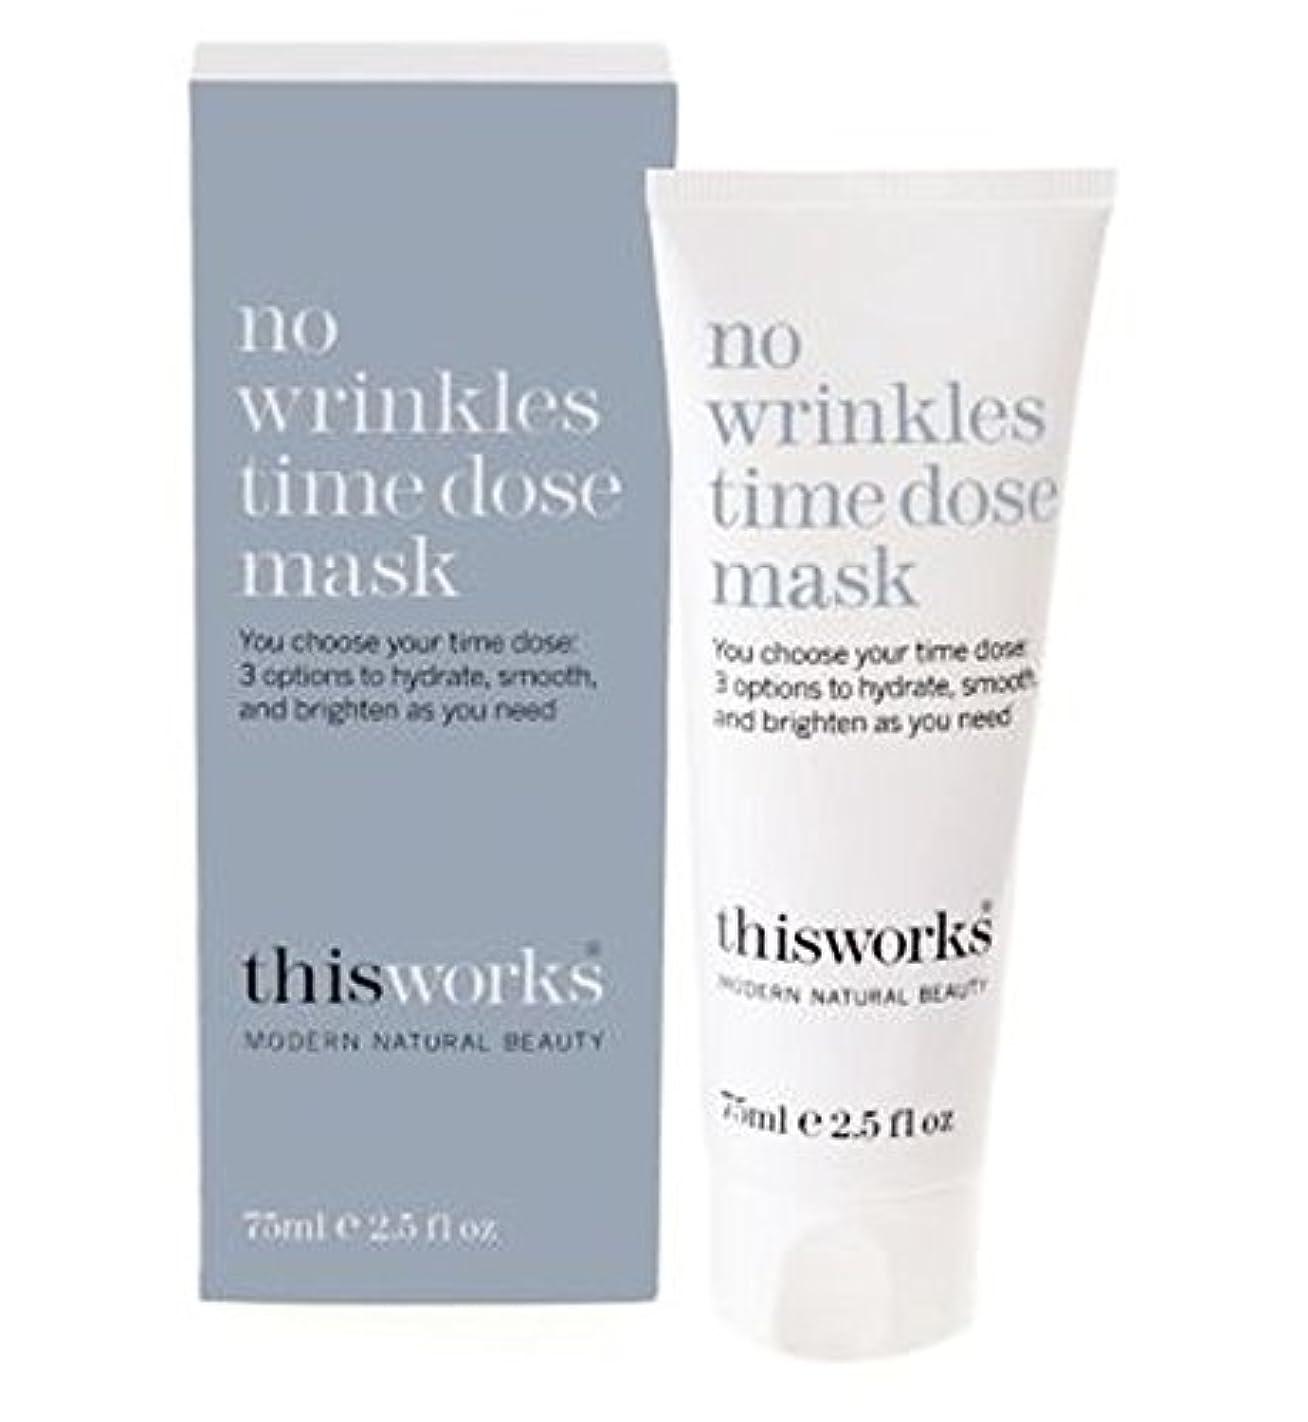 切り下げ秋確保するThis Works No Wrinkles Time Dose Mask 75ml - これにはしわ時間線量マスクの75ミリリットルの作品はありません (This Works) [並行輸入品]